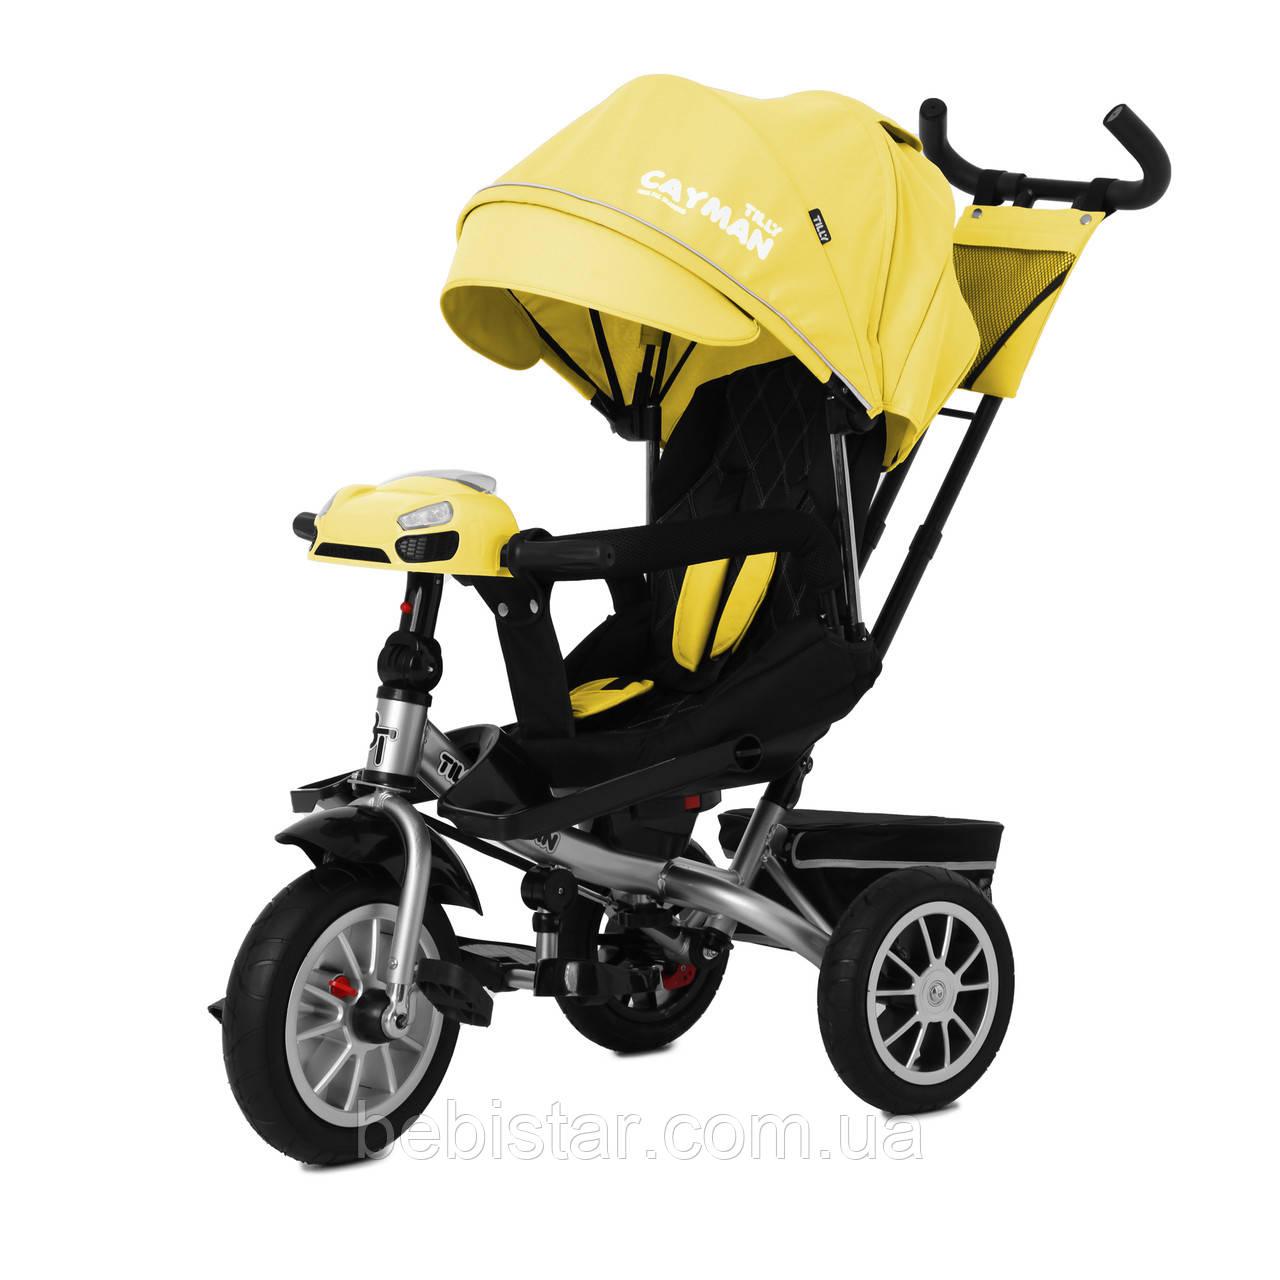 Триколісний велосипед TILLY CAYMAN 381/3 жовтий пульт поворот сидіння надувні коліс музика і світло